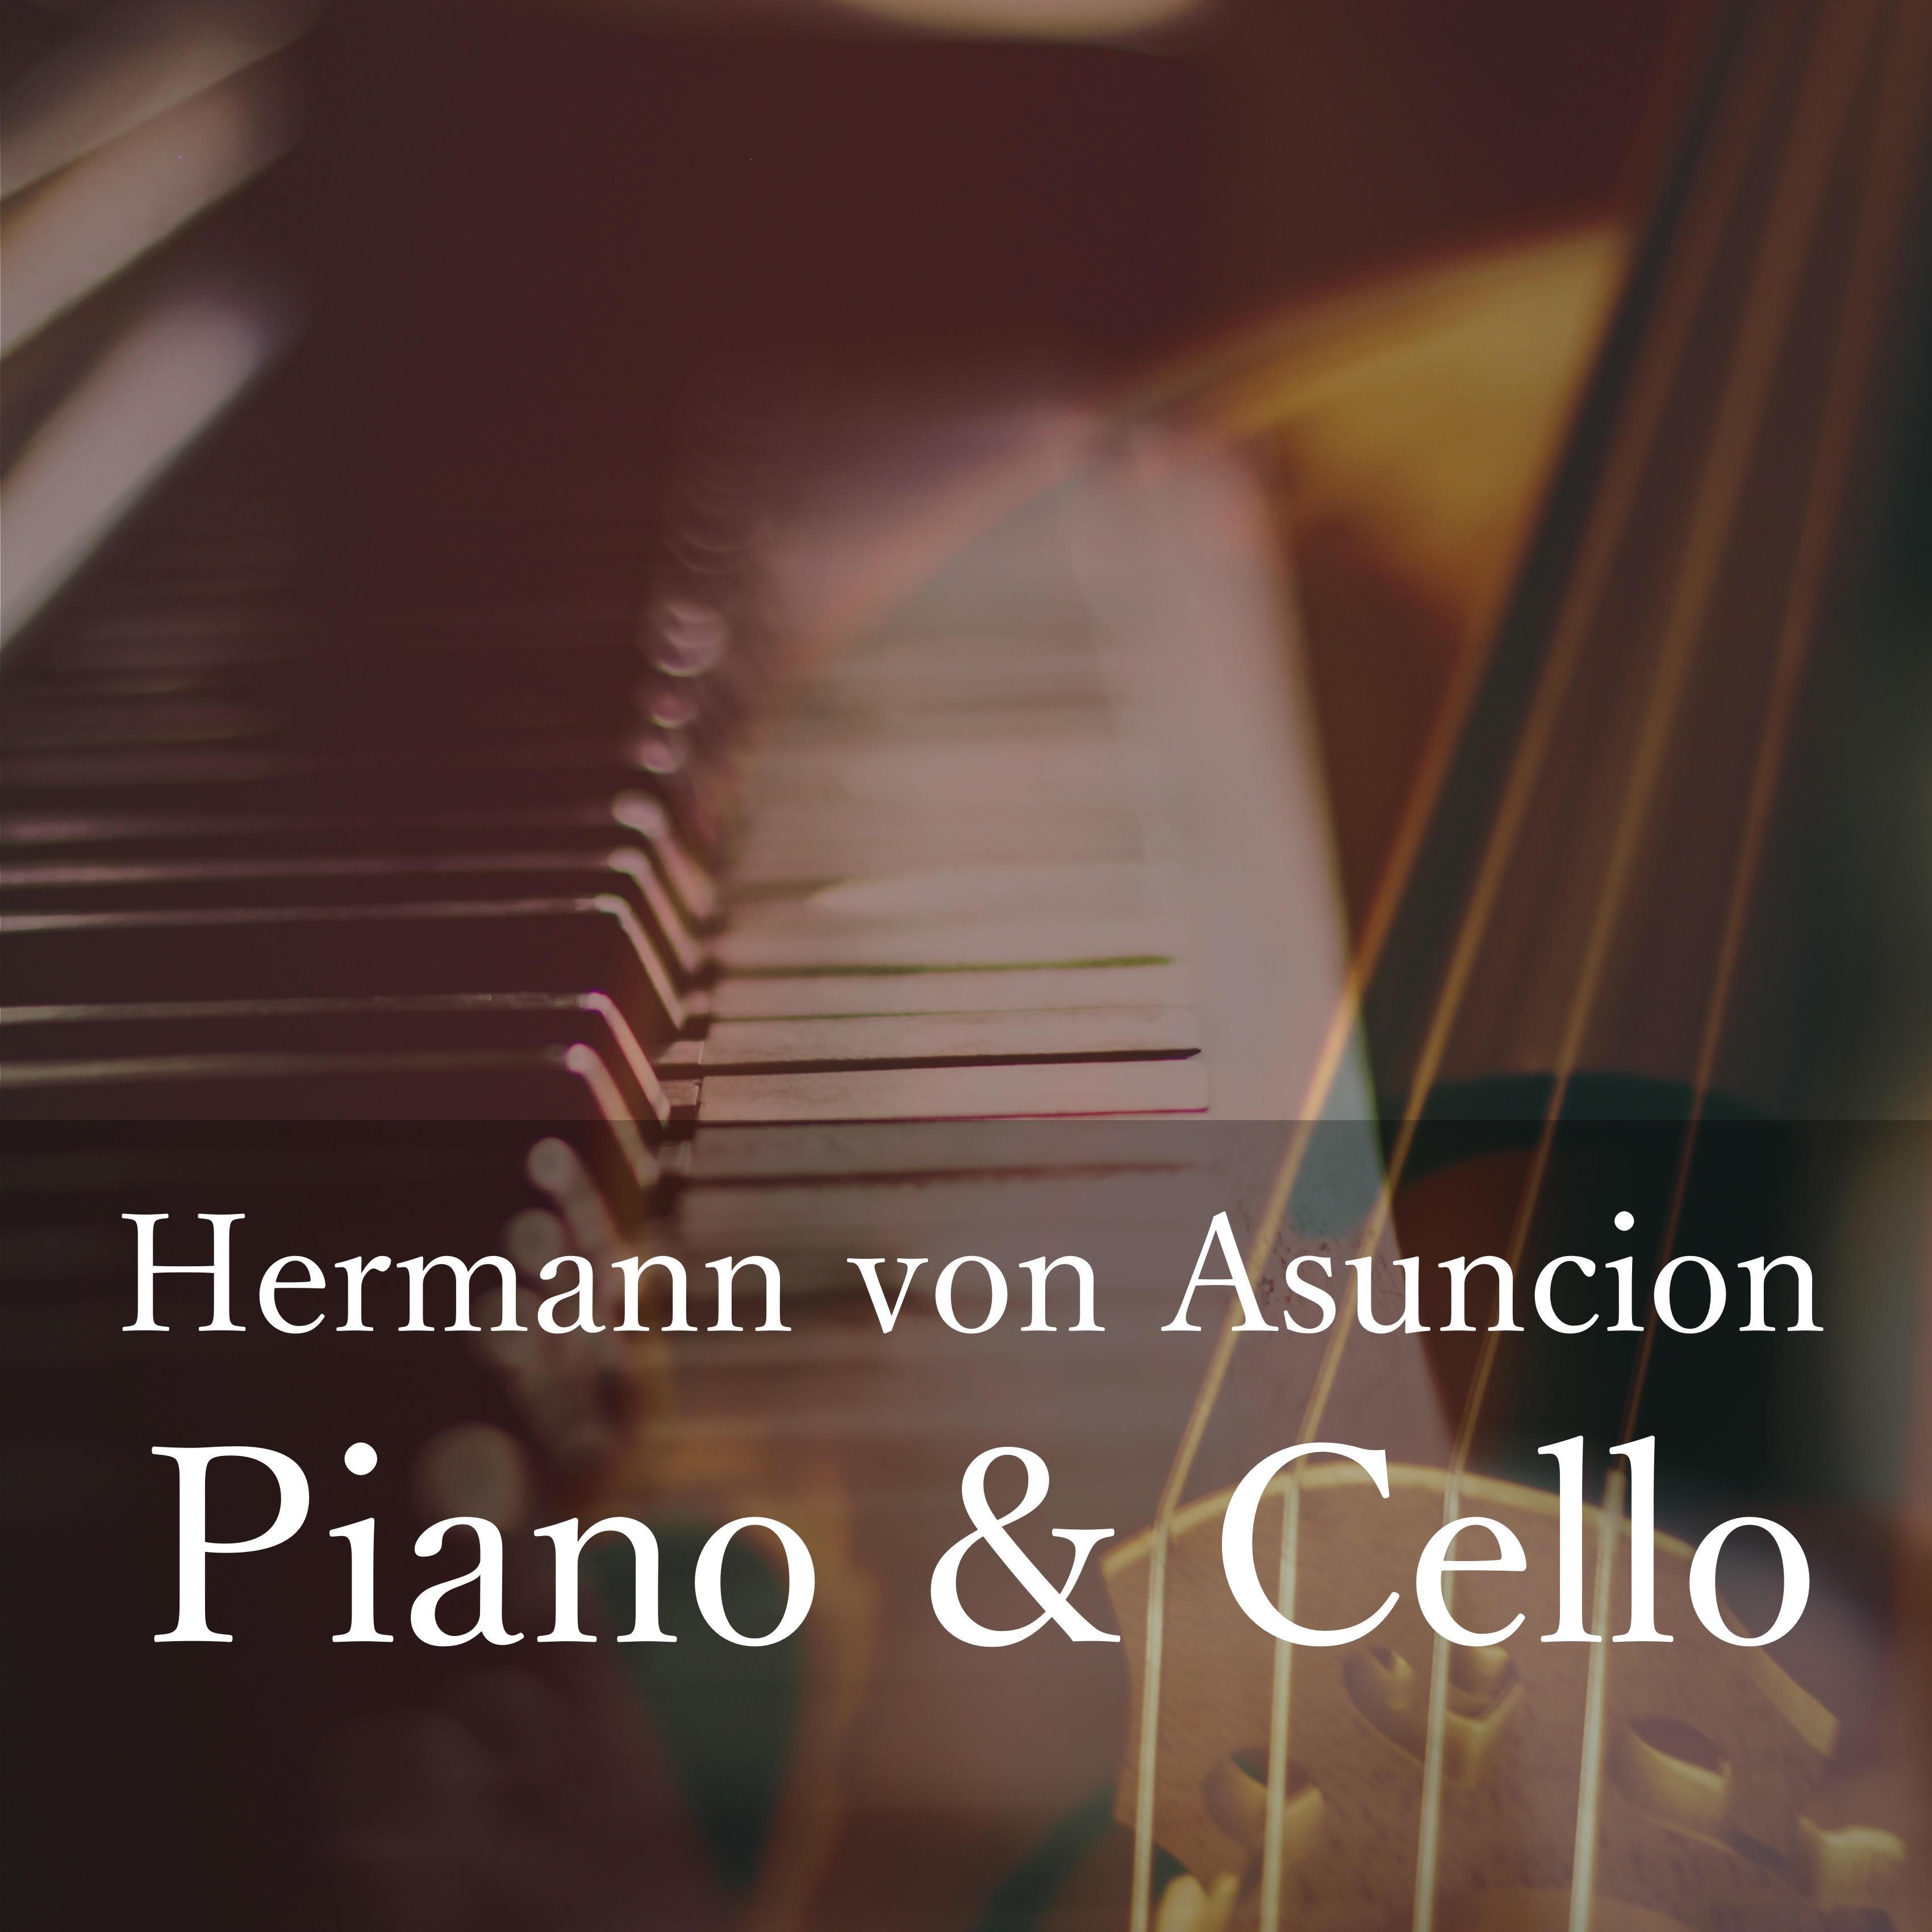 Piano & Cello cover